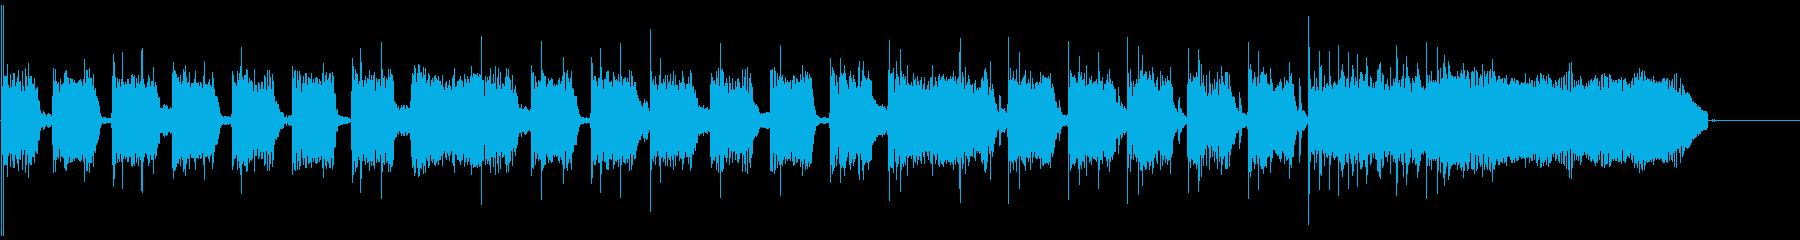 CMなどで使える30秒のロックの再生済みの波形